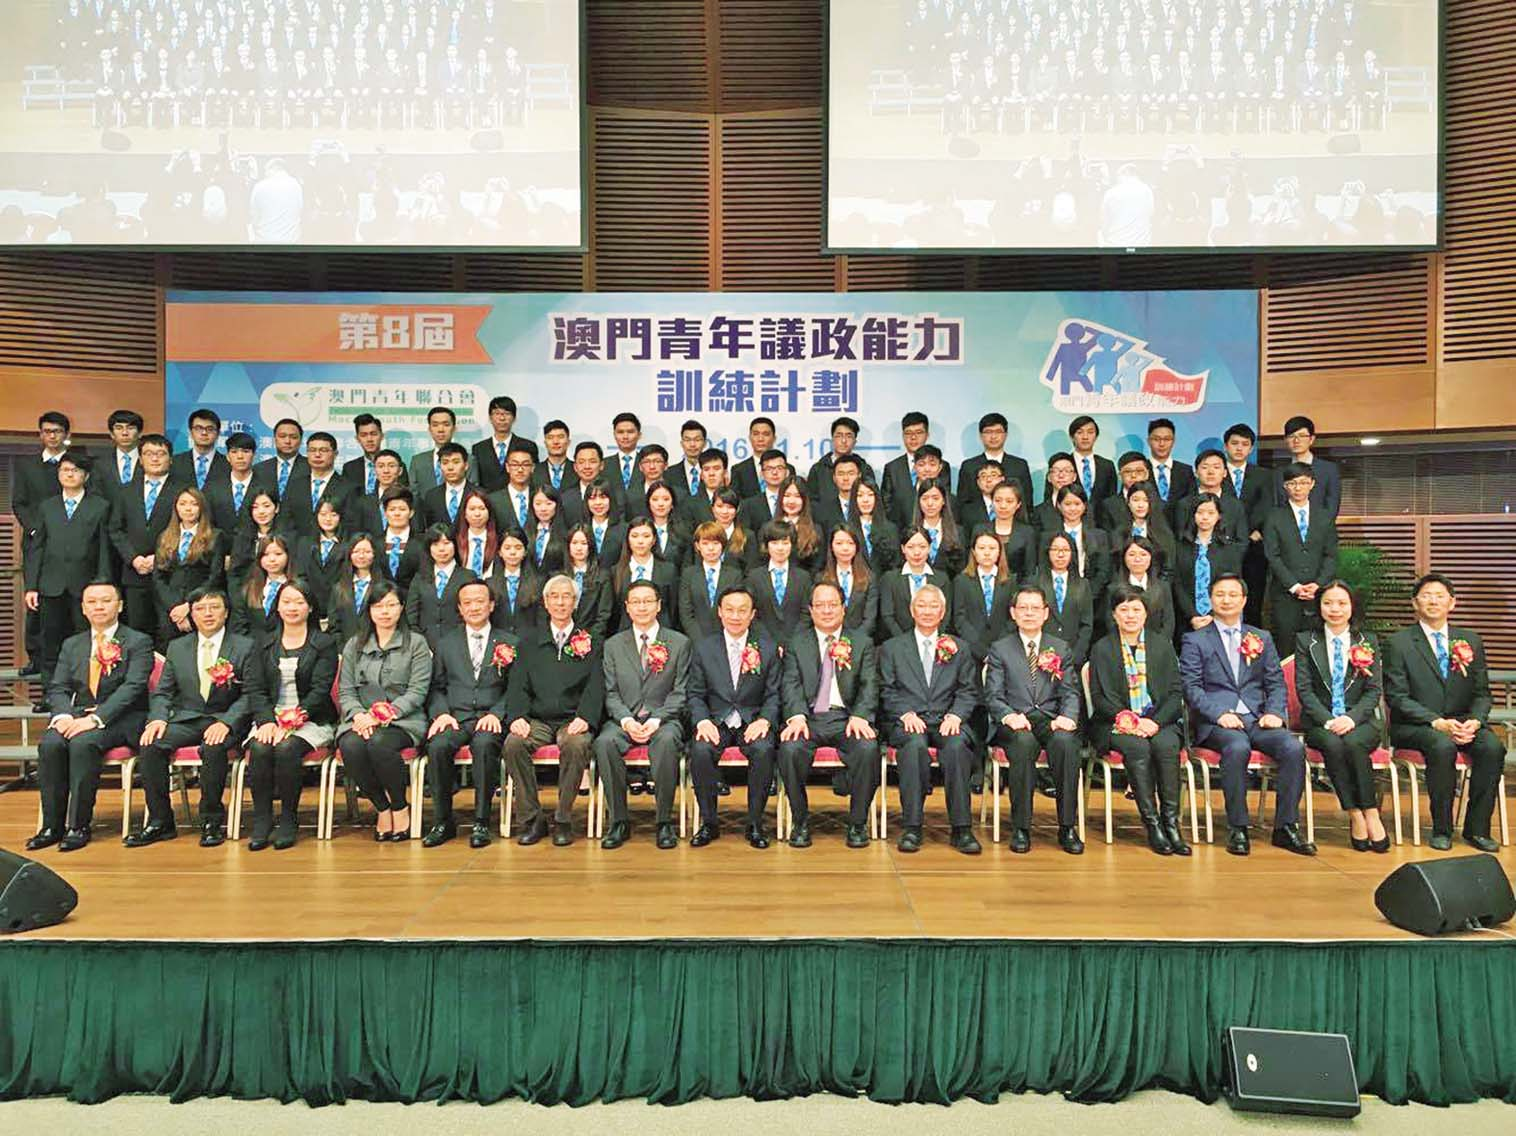 第八屆青年議政能力訓練開學